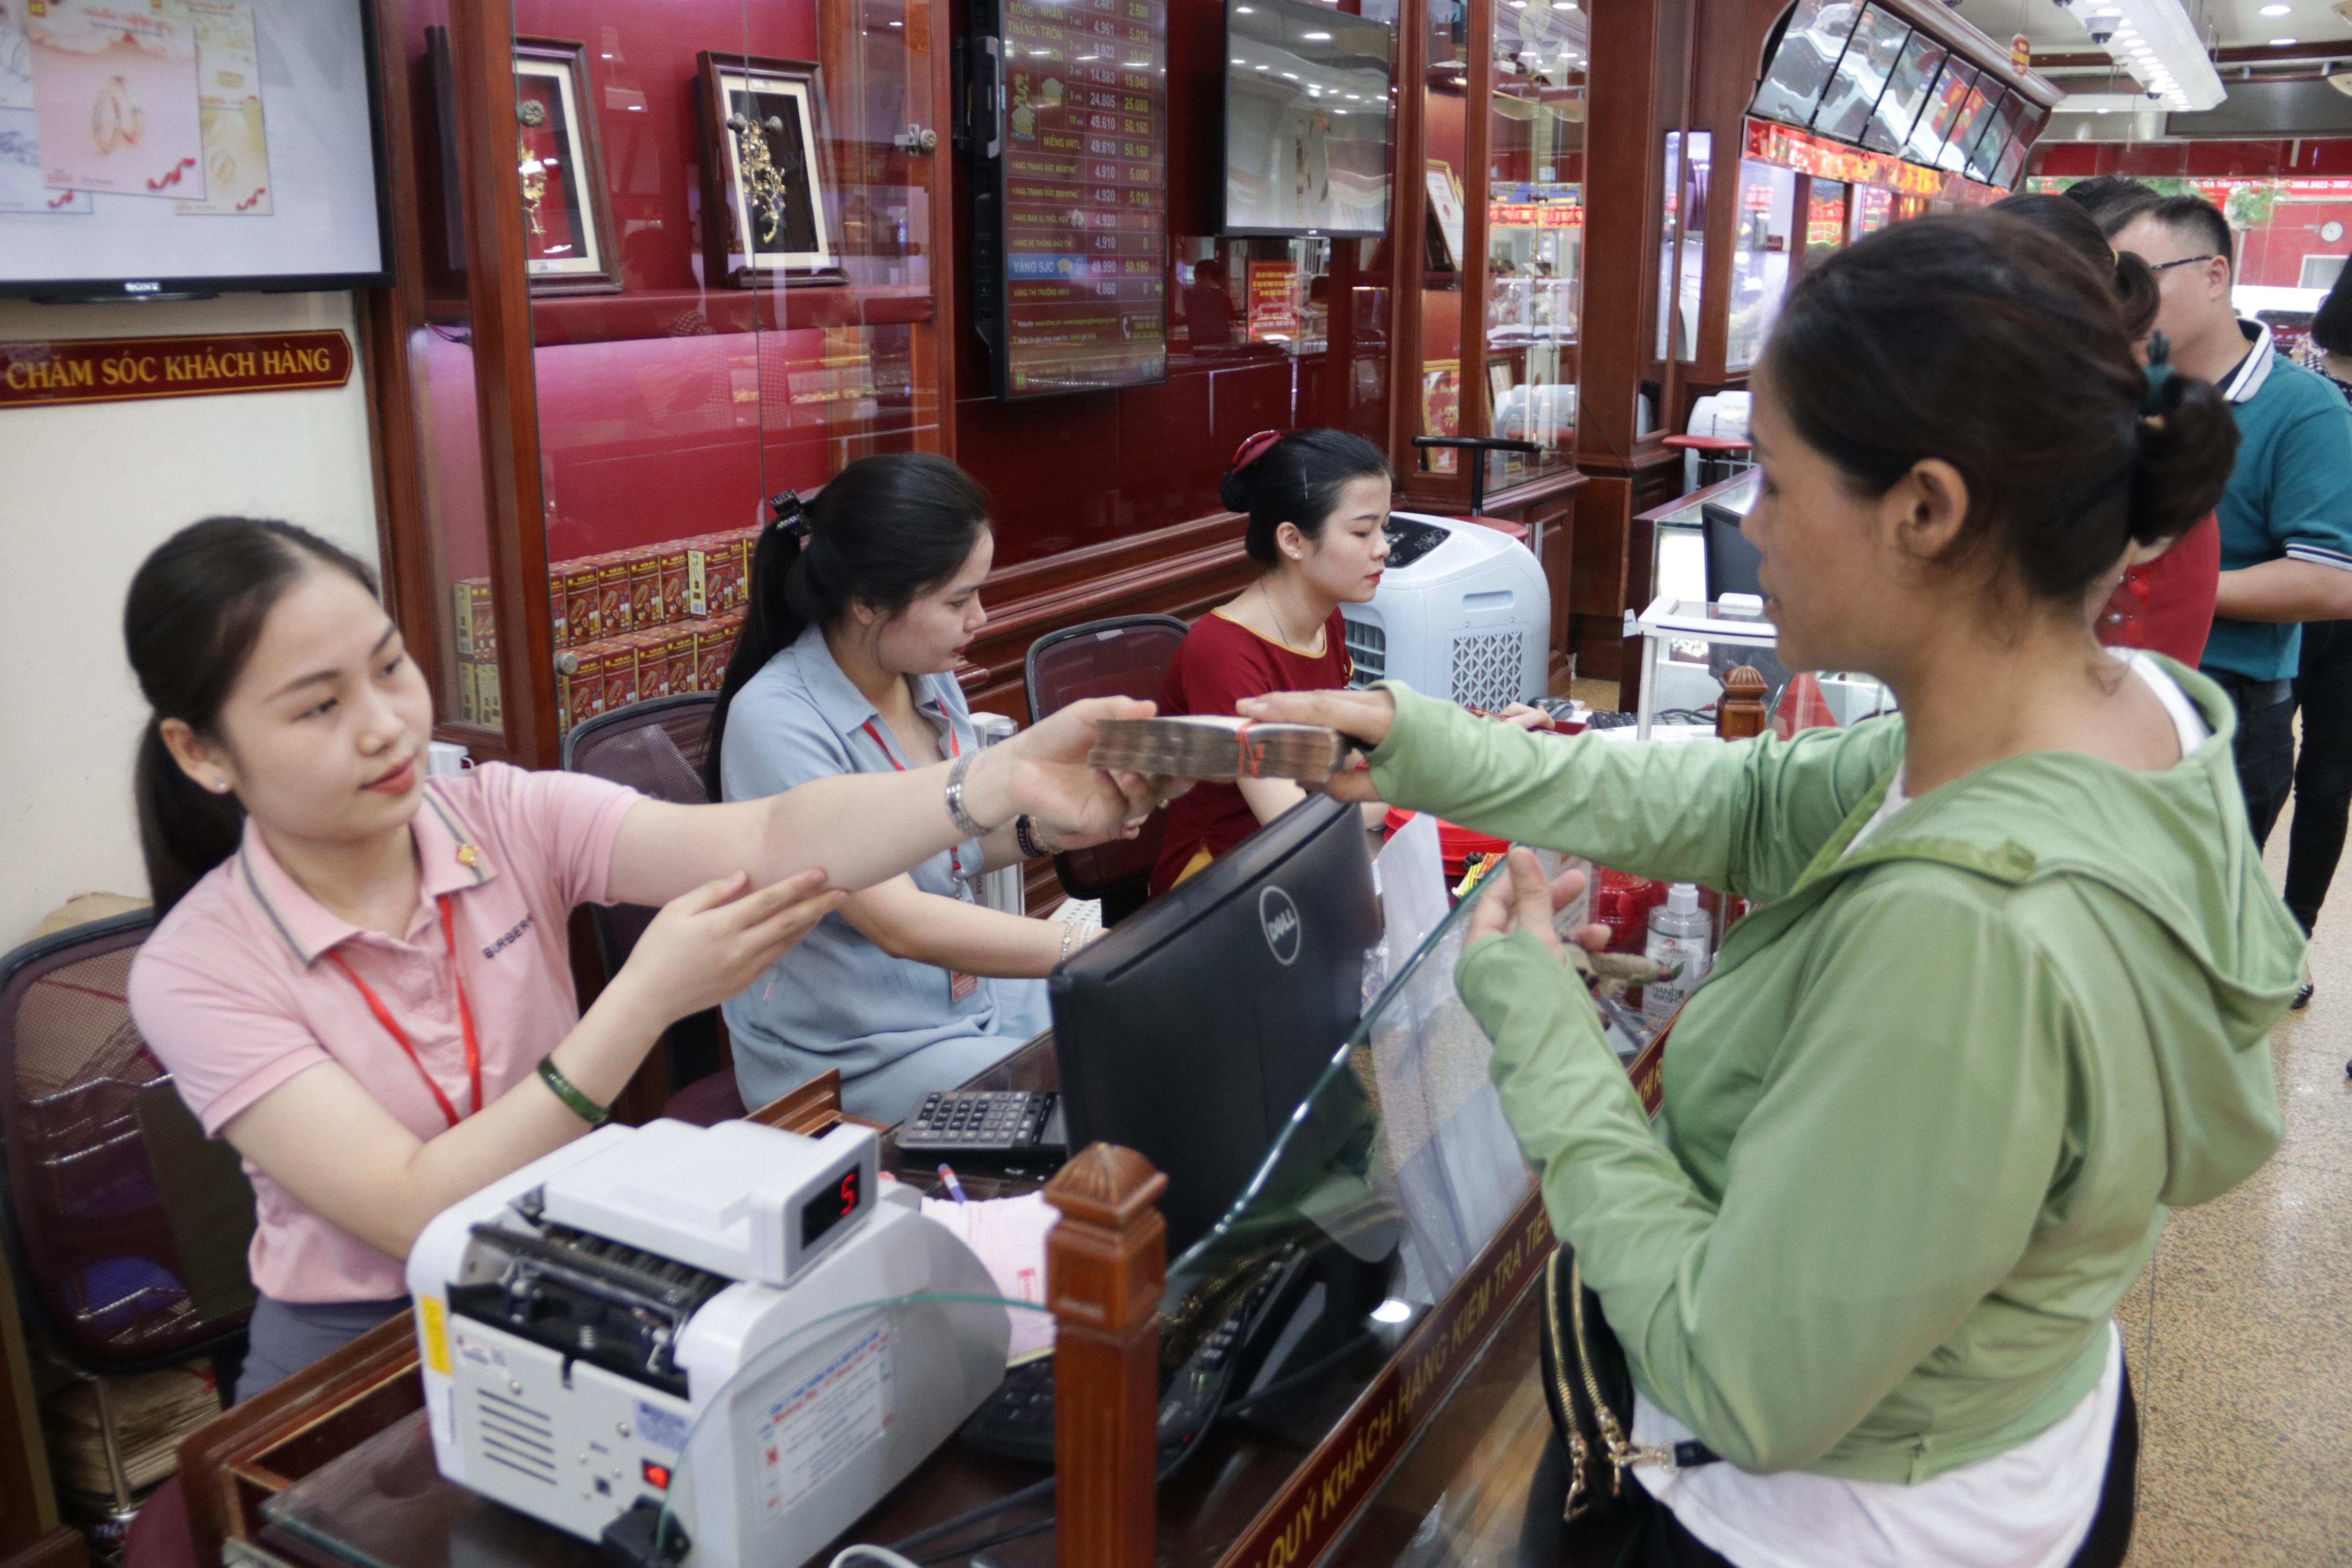 Hà Nội: Đổ xô đi bán vàng kiếm lời sau khi vàng tăng cao kỷ lục - 4